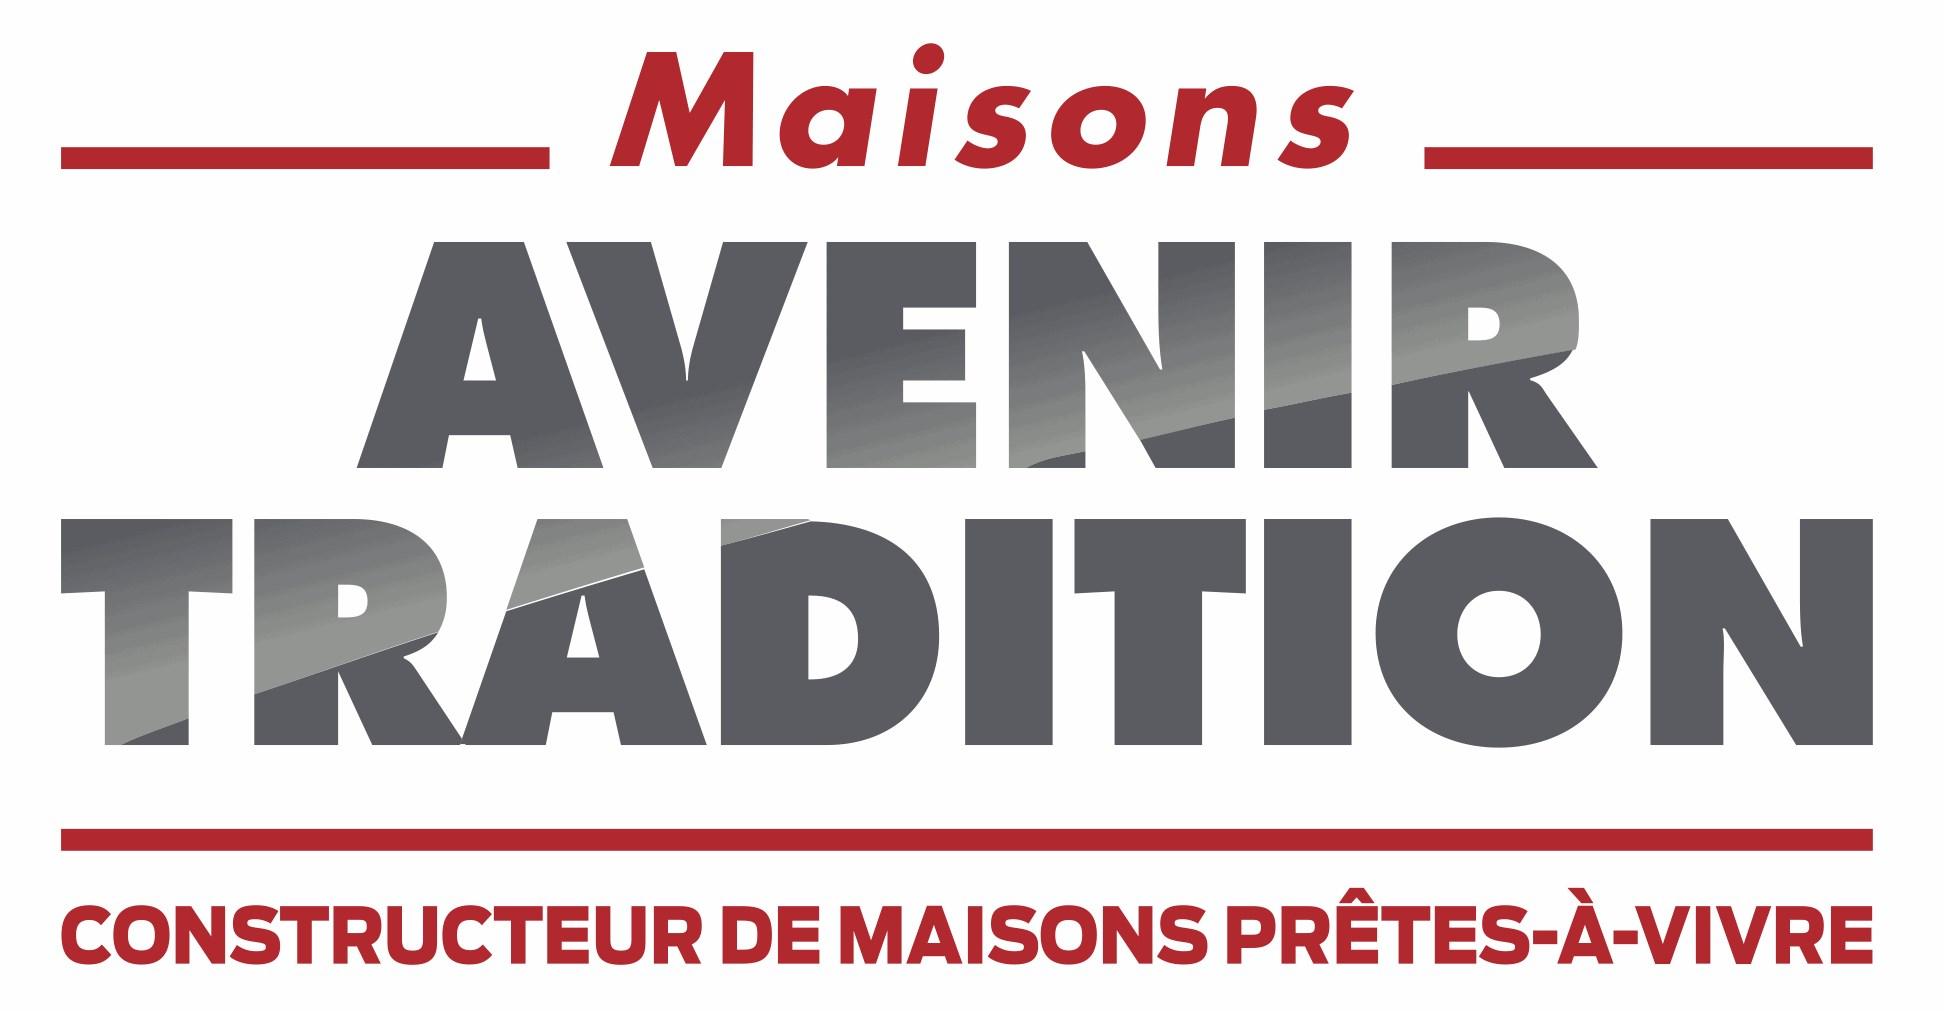 MAISONS AVENIR TRADITION CANNES